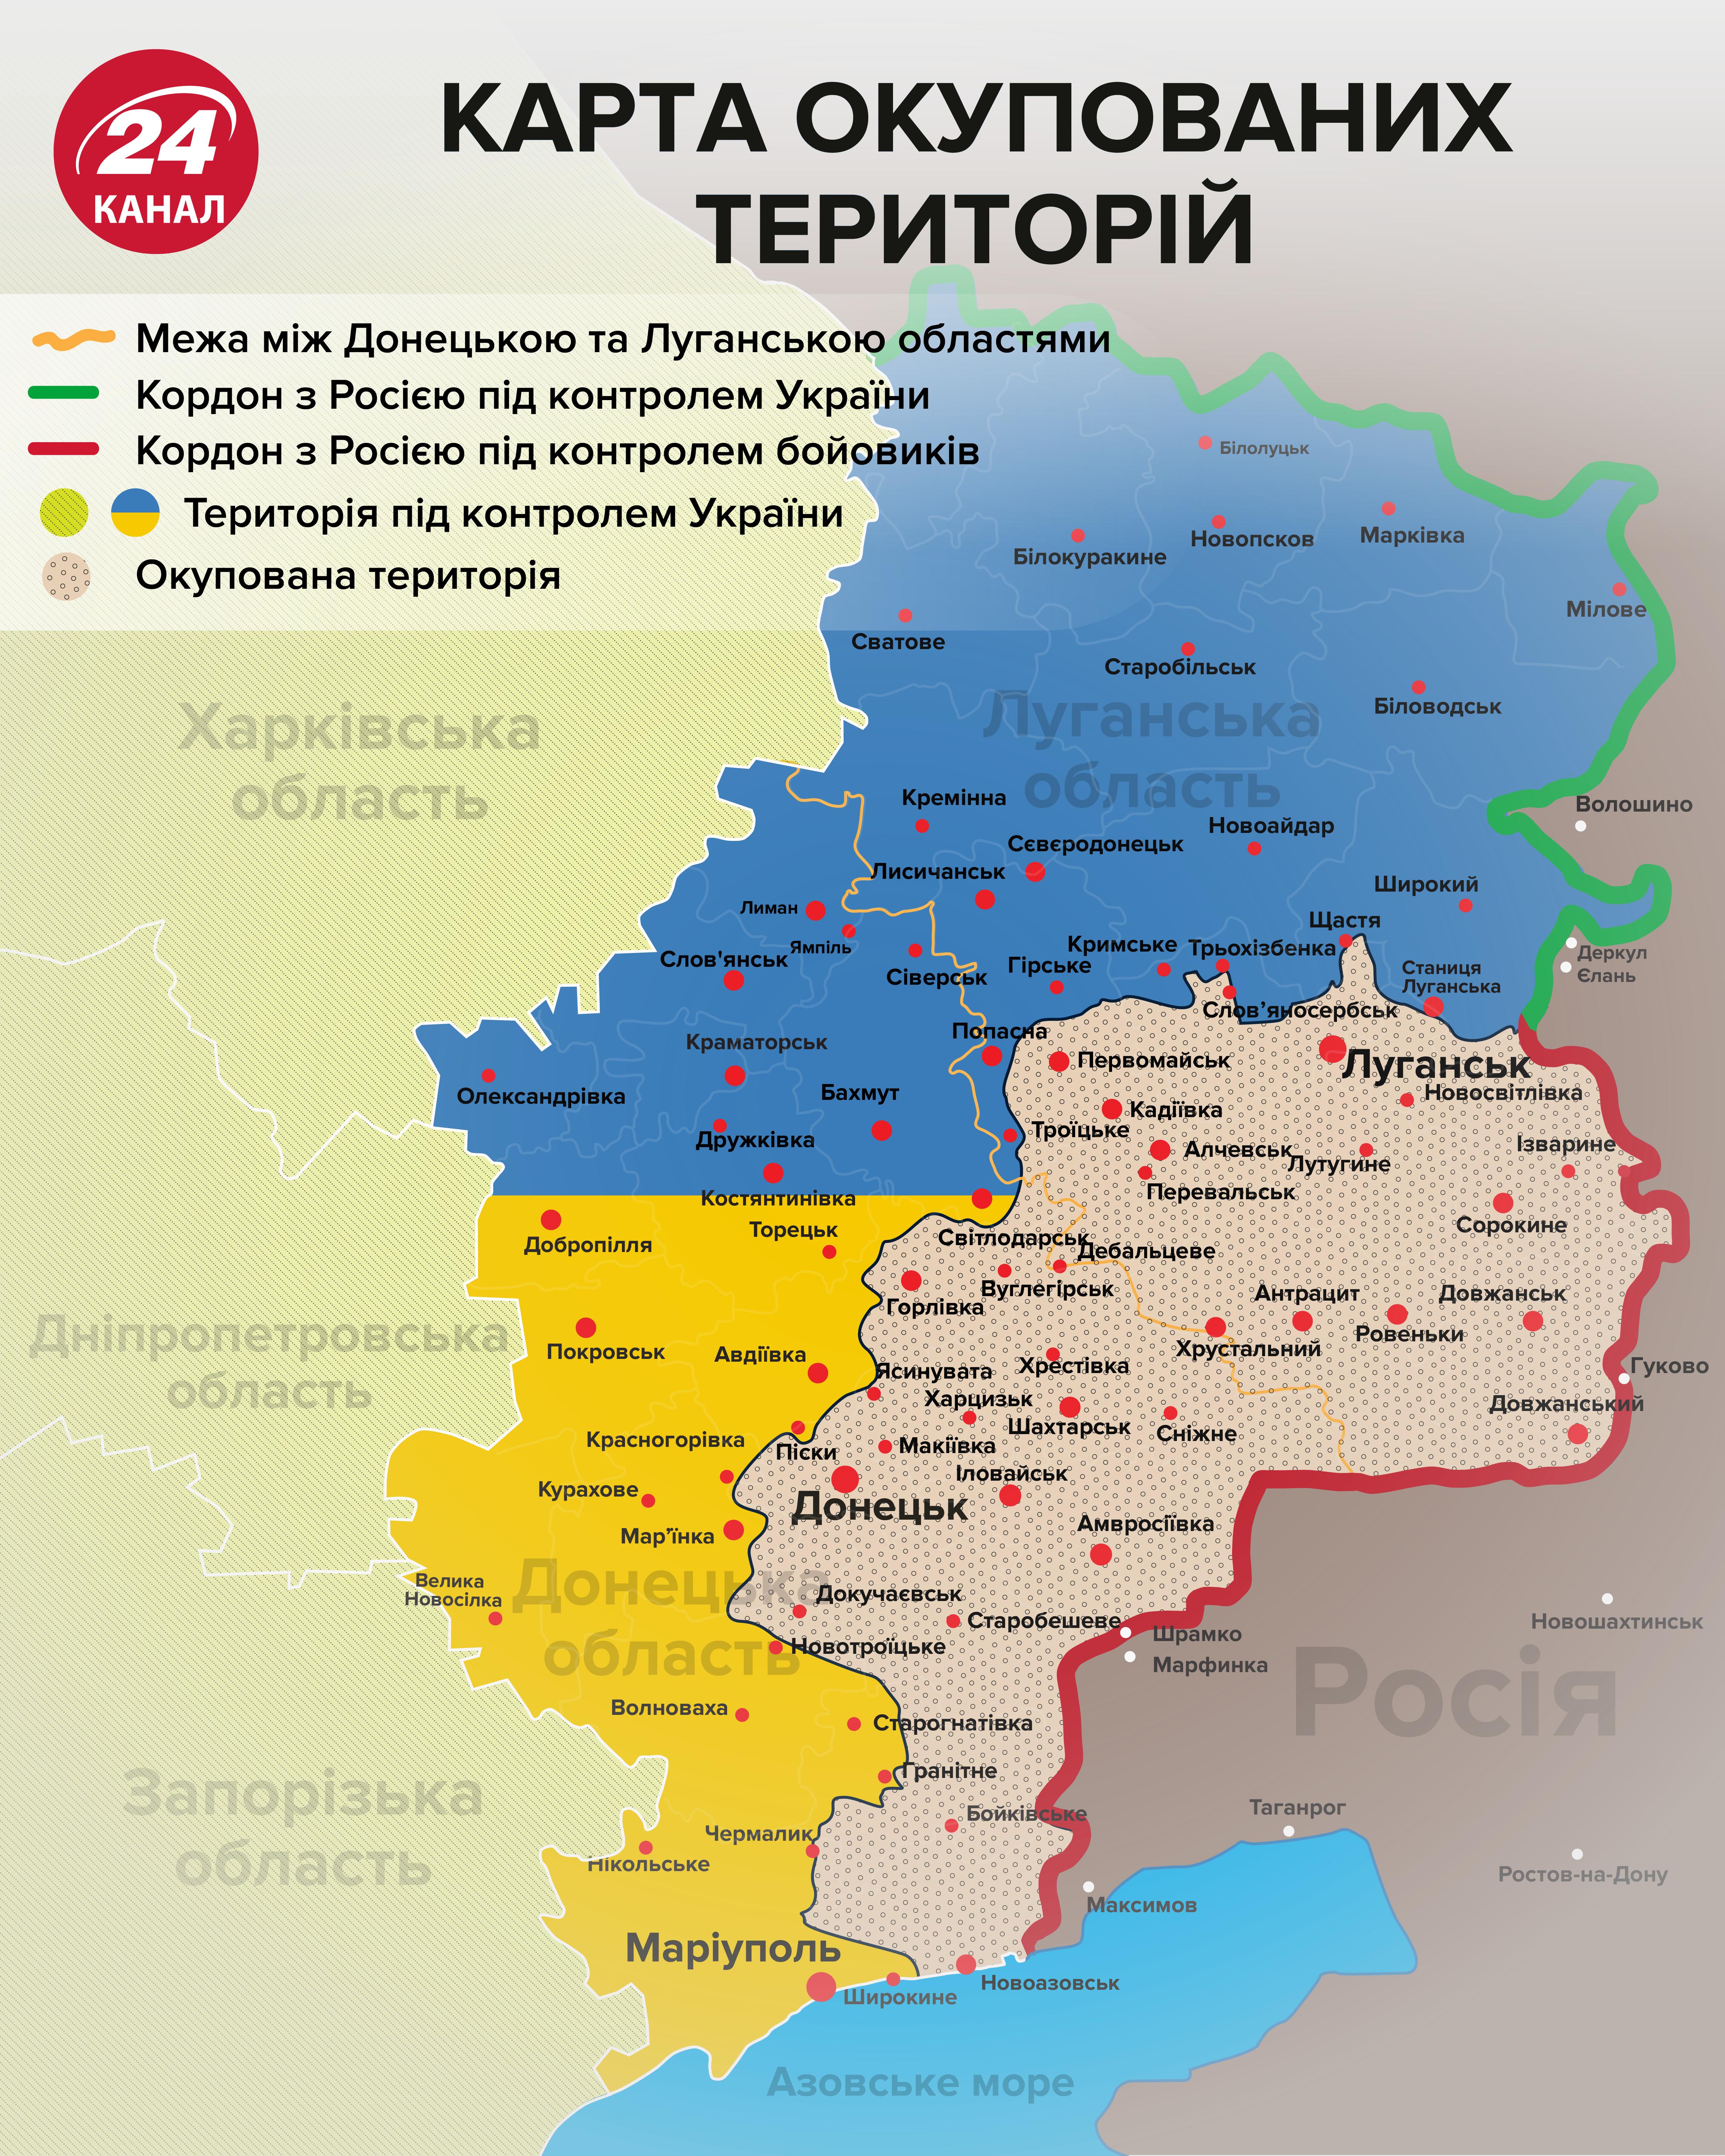 мапа окупованих територій Донбасу ОРДЛО карта 2020